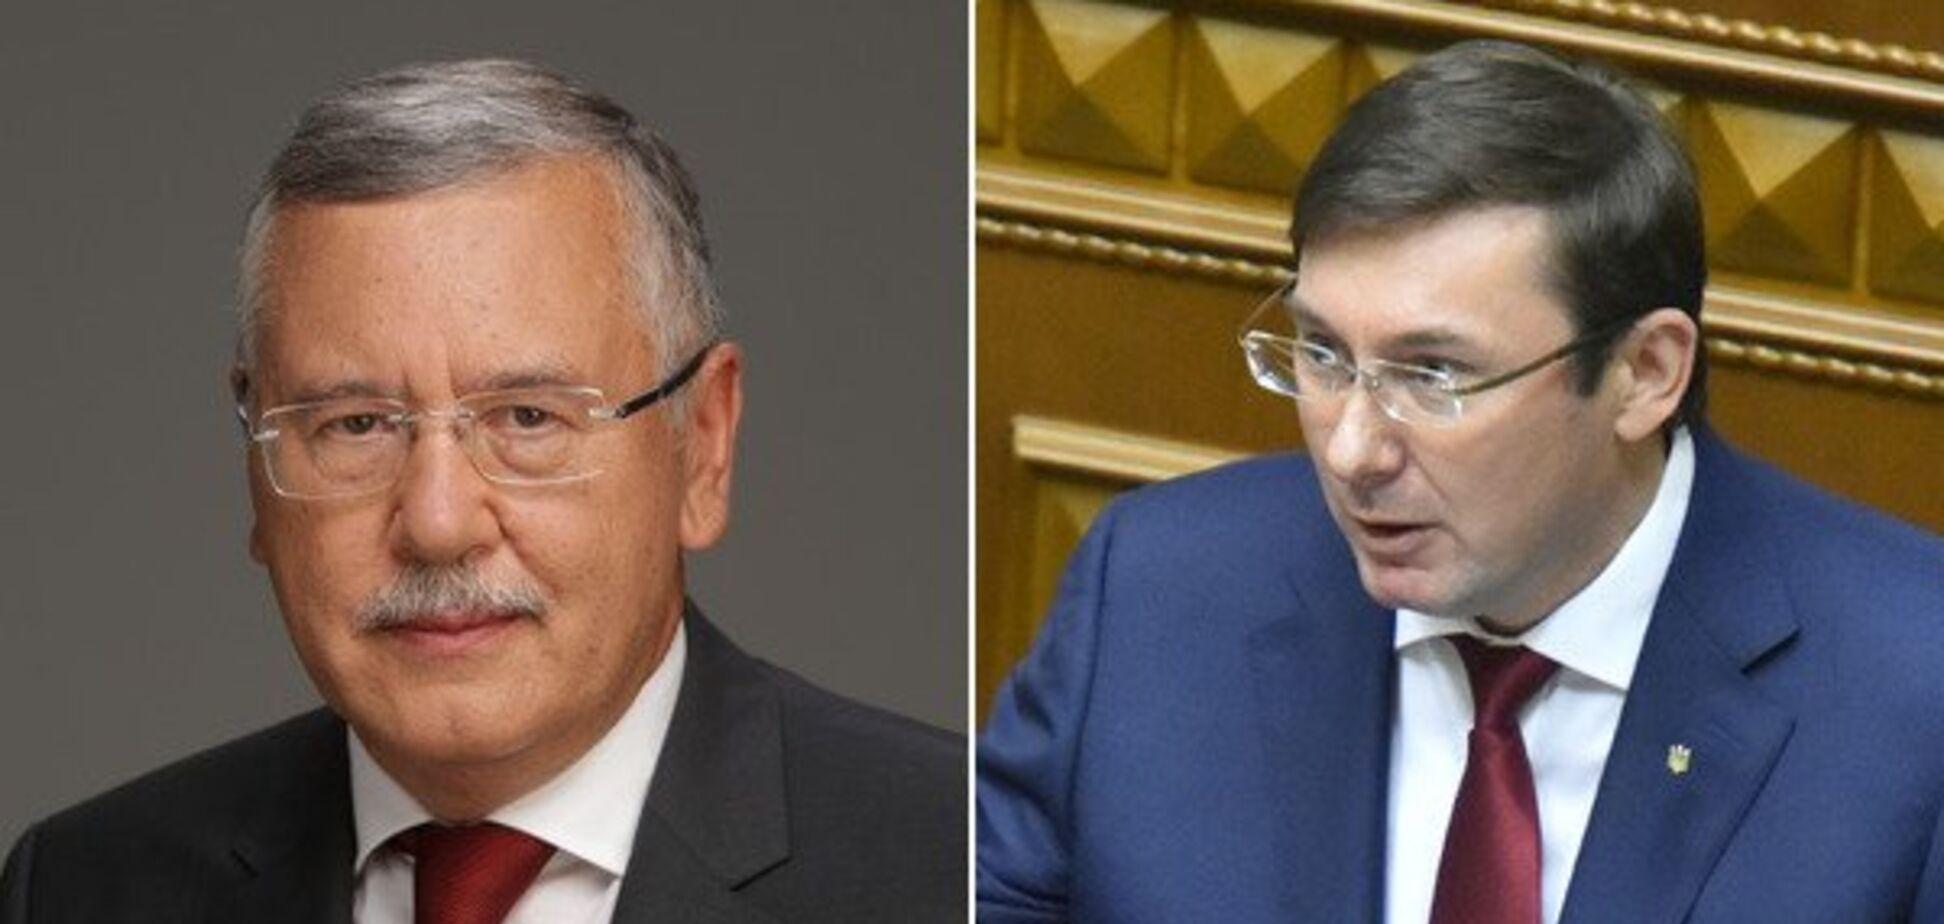 Луценко пригрозил Гриценко подозрением в госизмене: ему ответили